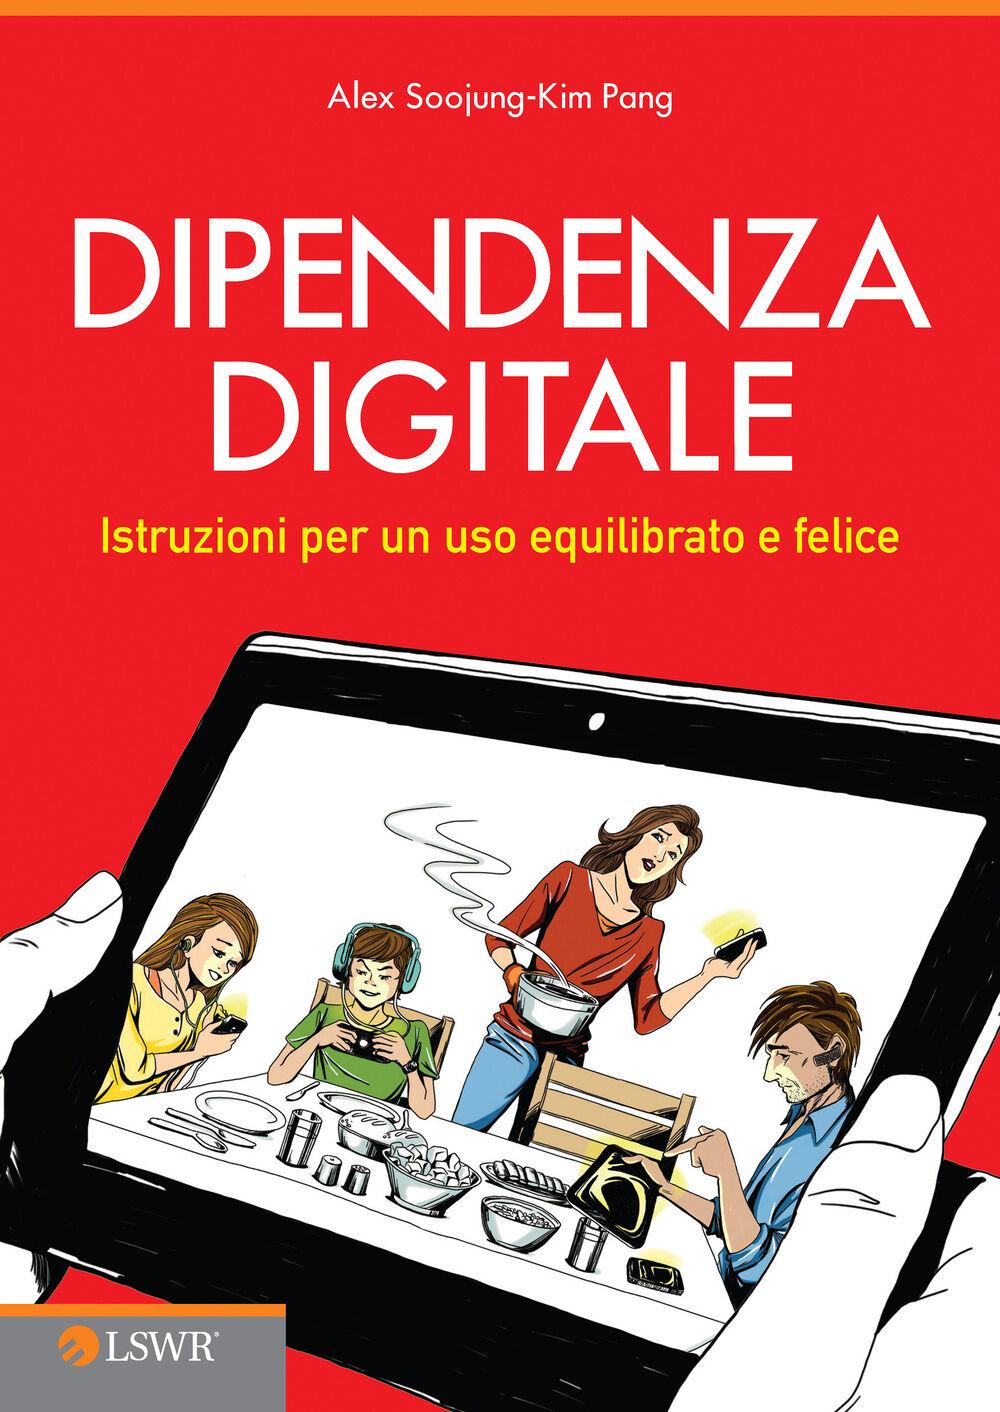 Dipendenza digitale. Istruzioni per un uso equilibrato e felice della tecnologia